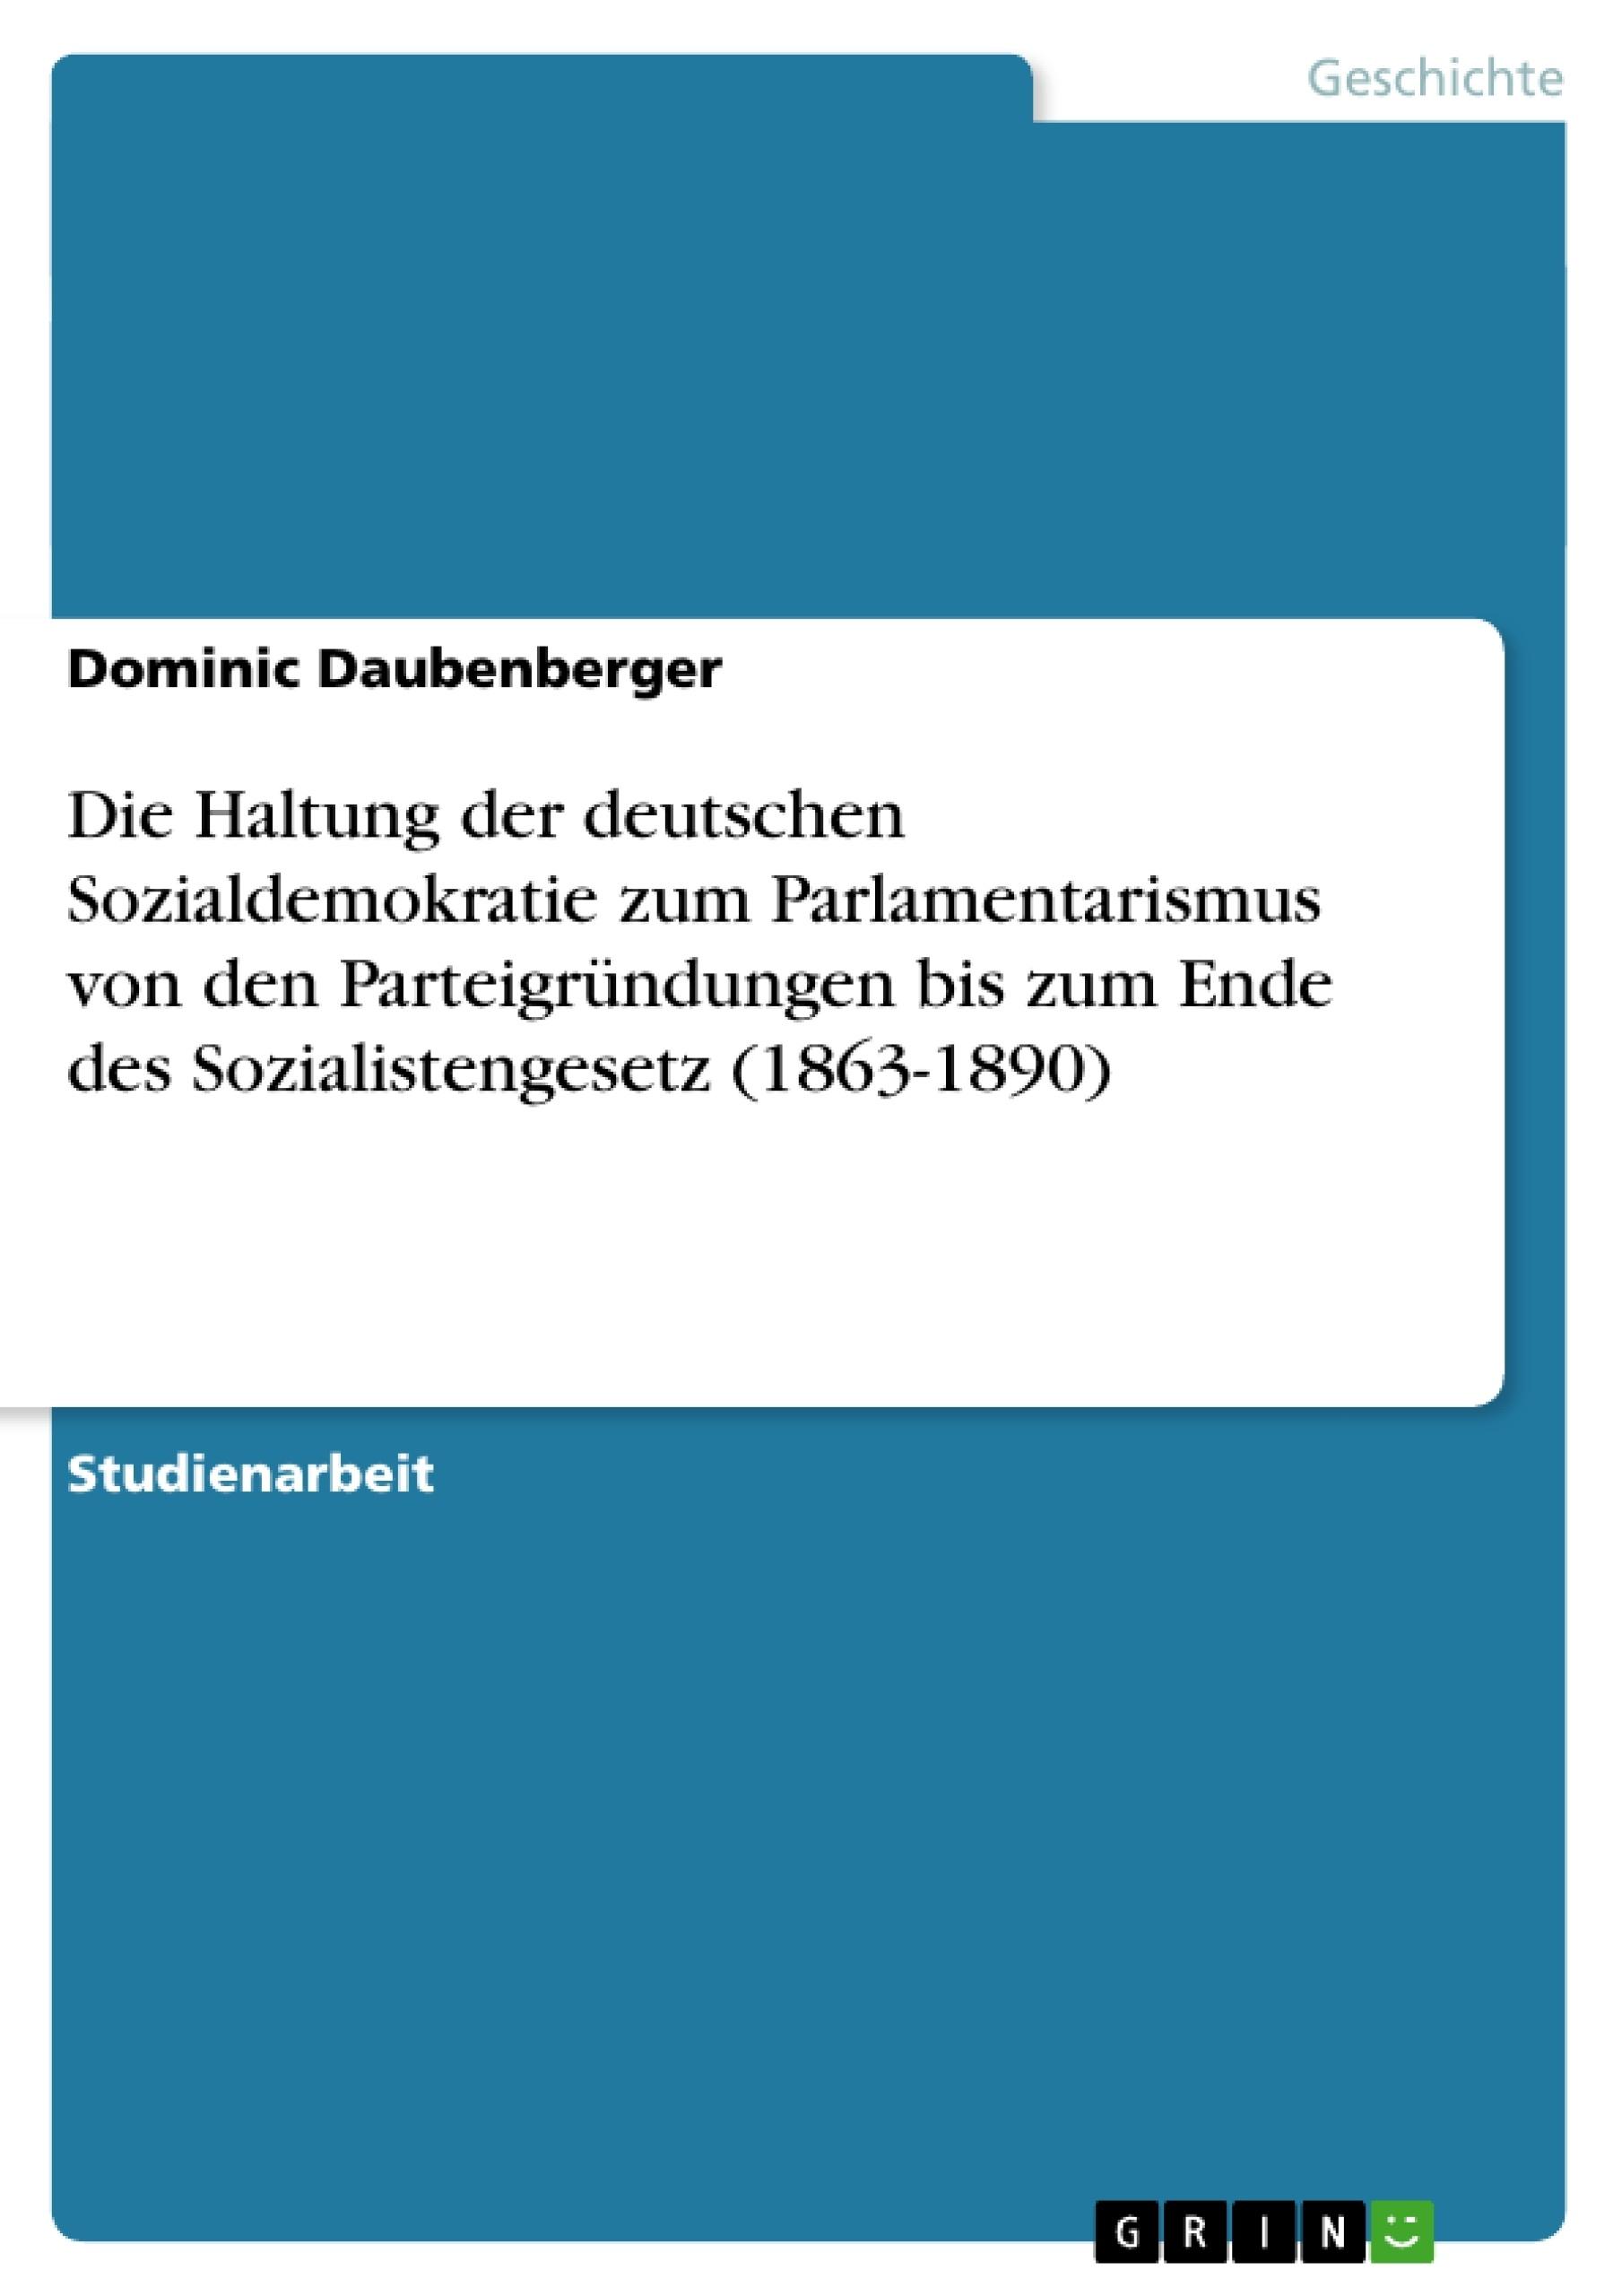 Titel: Die Haltung der deutschen Sozialdemokratie zum Parlamentarismus von den Parteigründungen bis zum Ende des Sozialistengesetz (1863-1890)